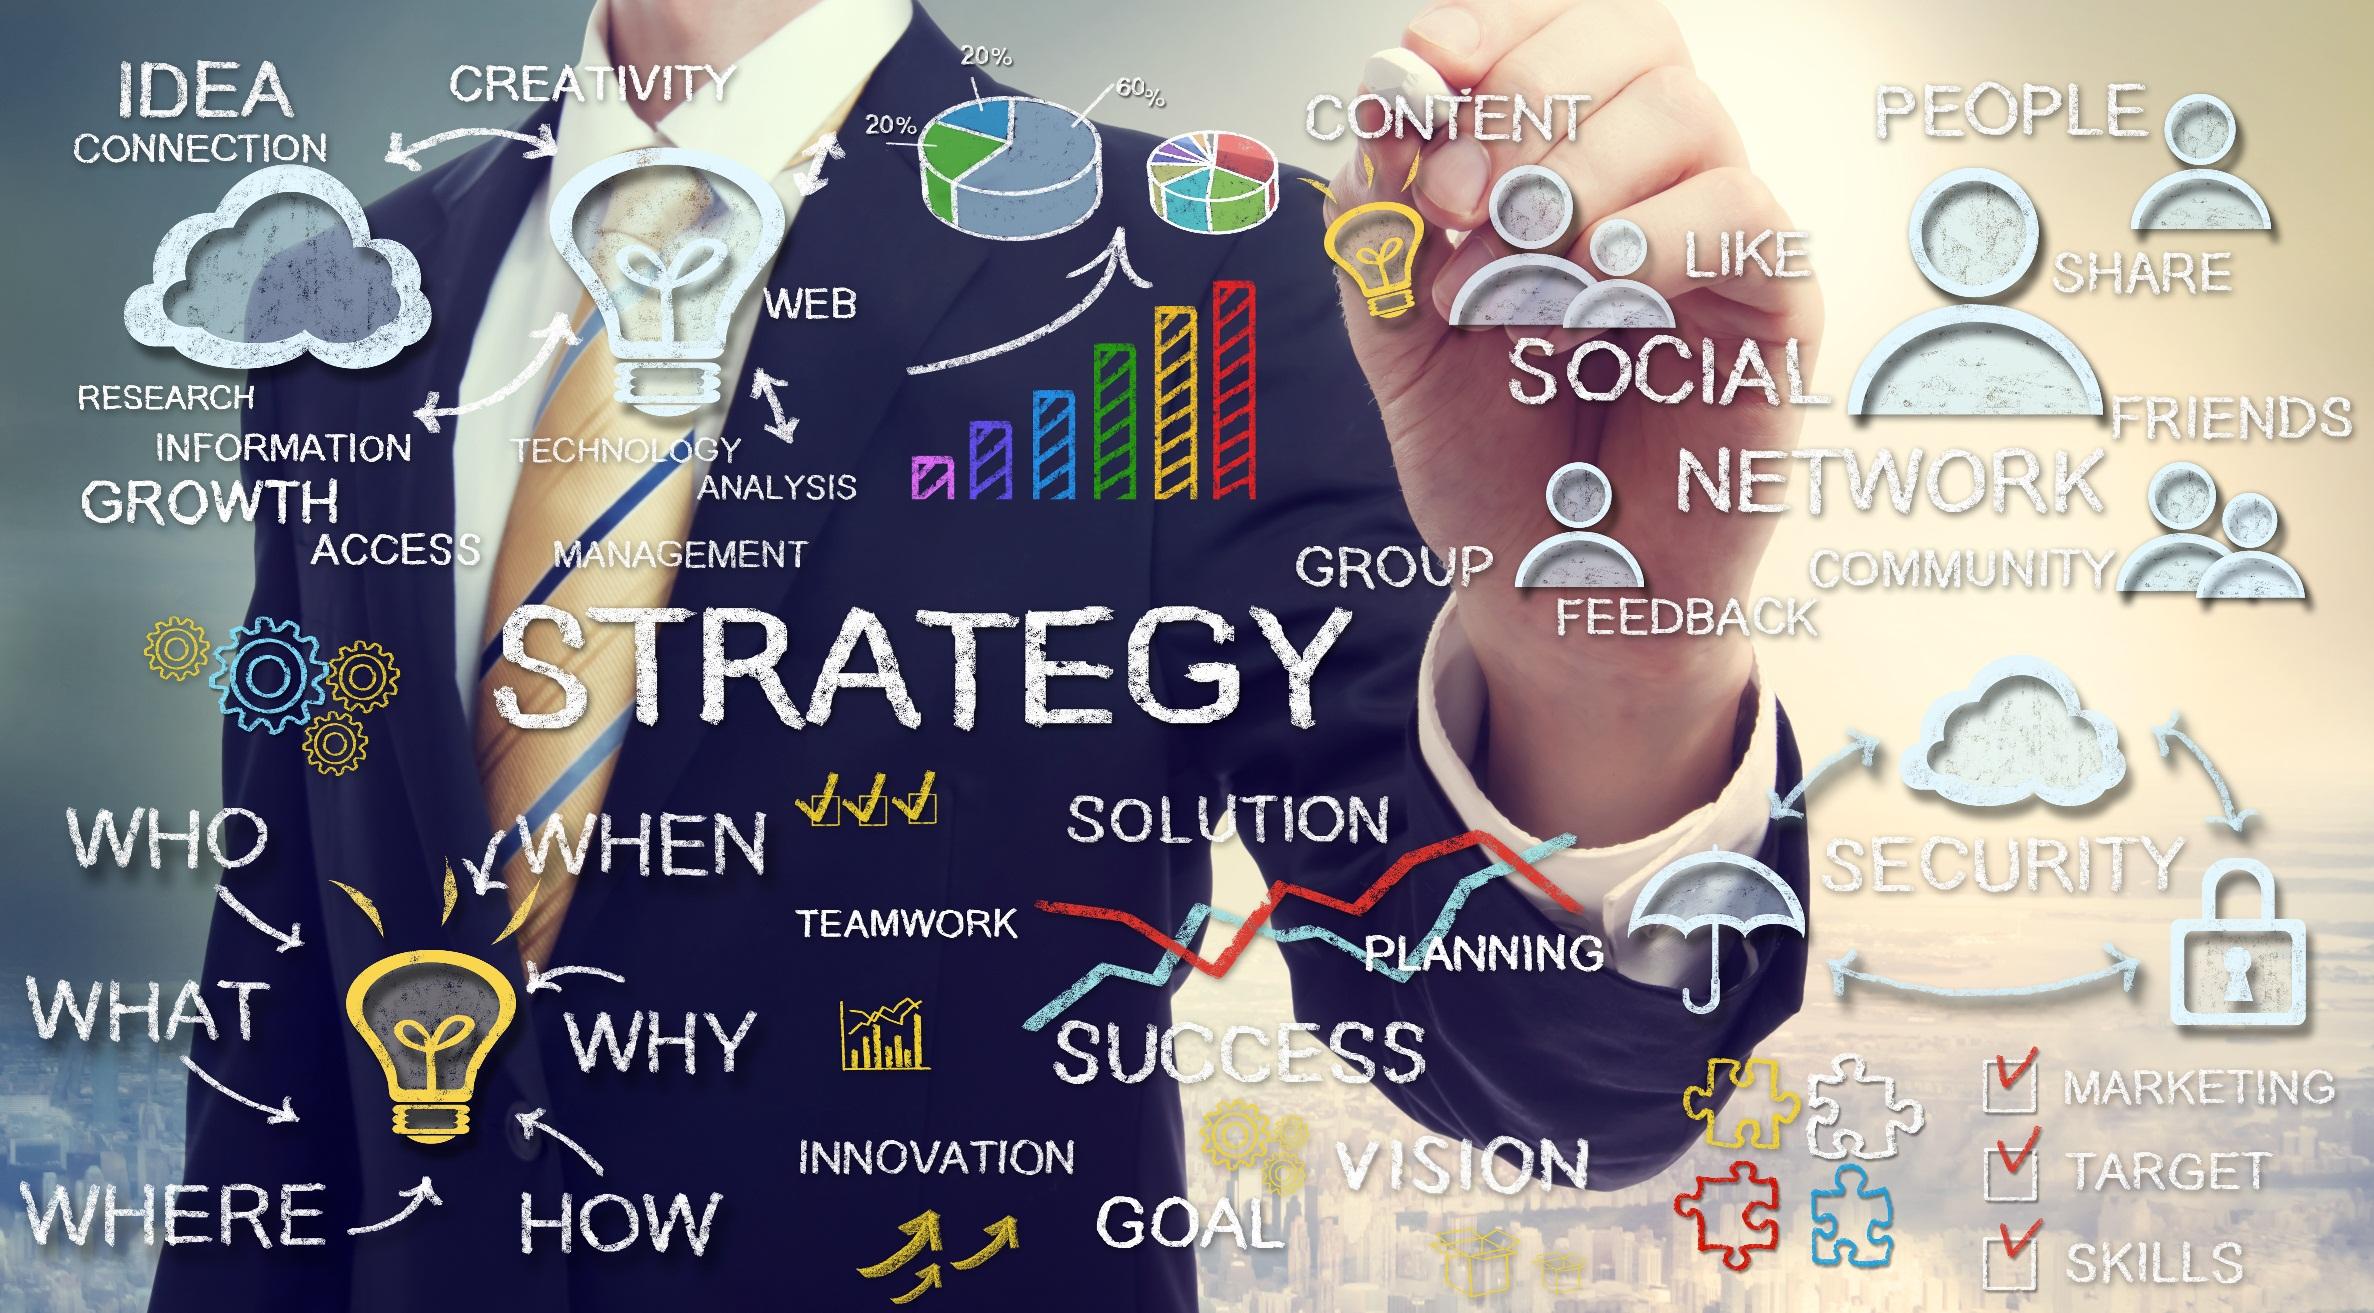 Elementos necesarios para crear una buena estrategia de marketing.